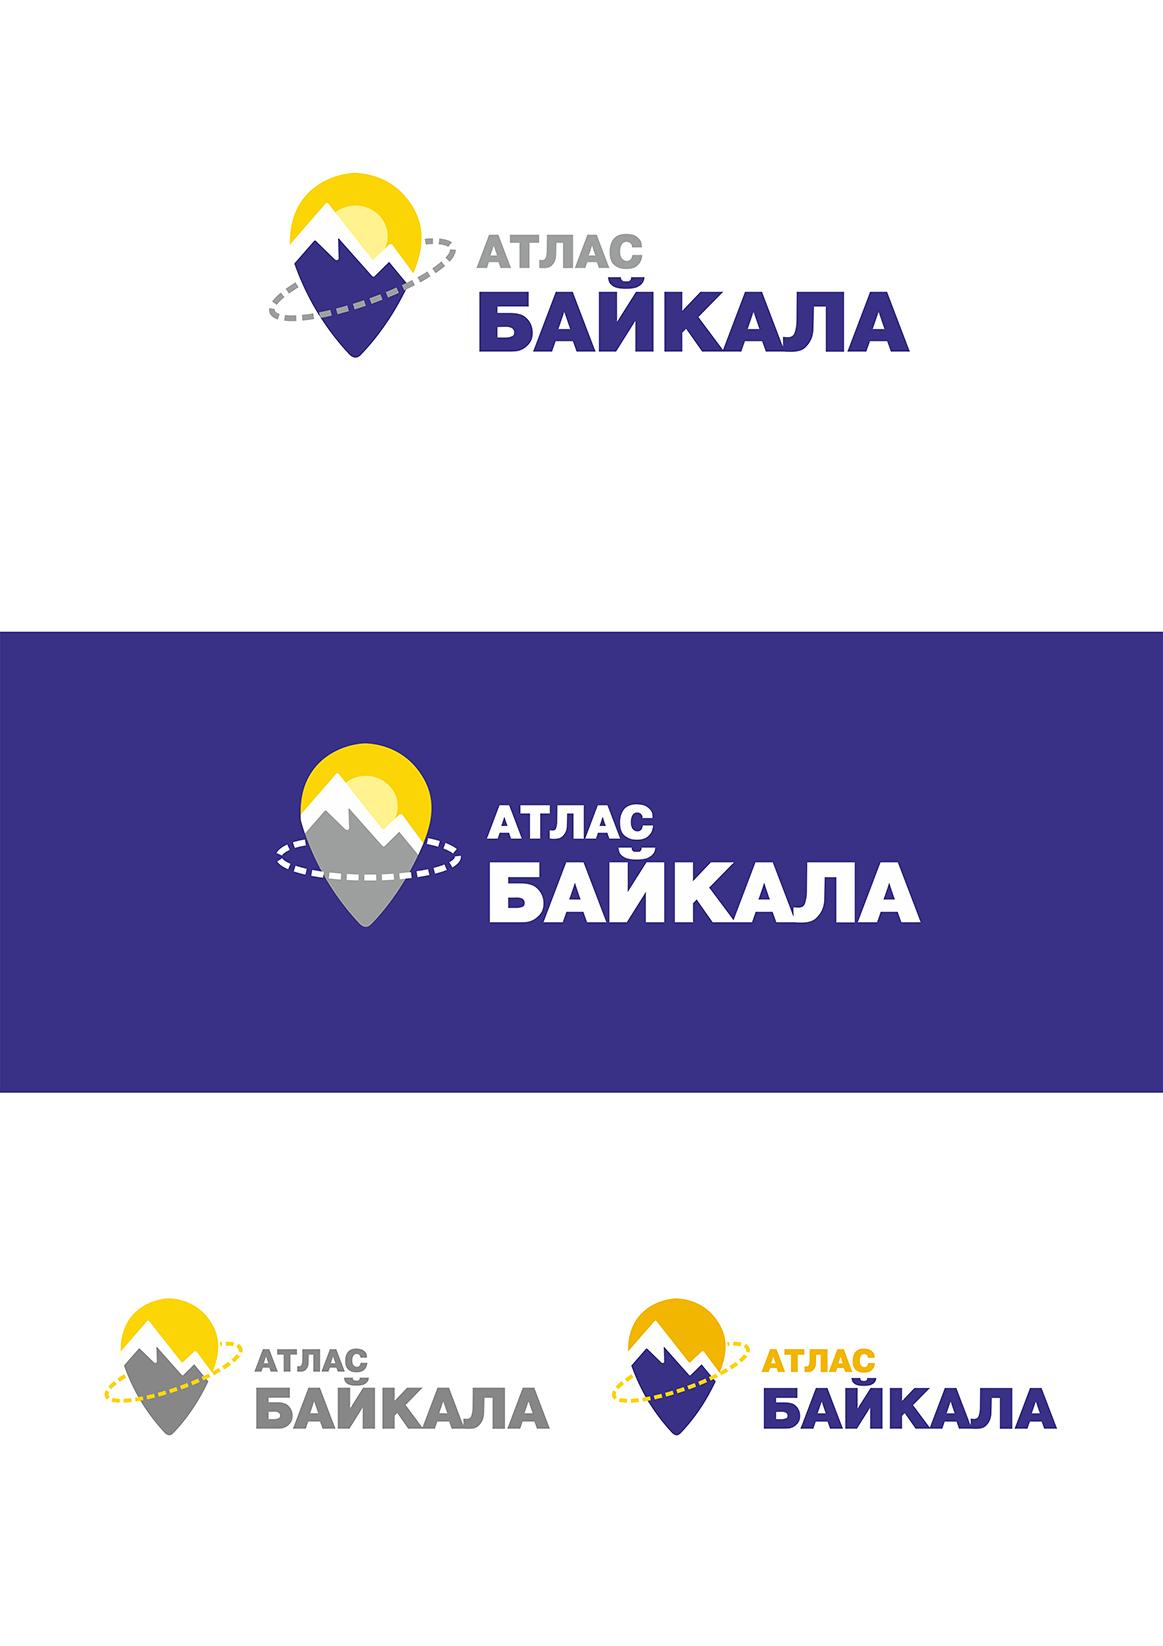 Разработка логотипа Атлас Байкала фото f_3605b16cd75342b6.jpg